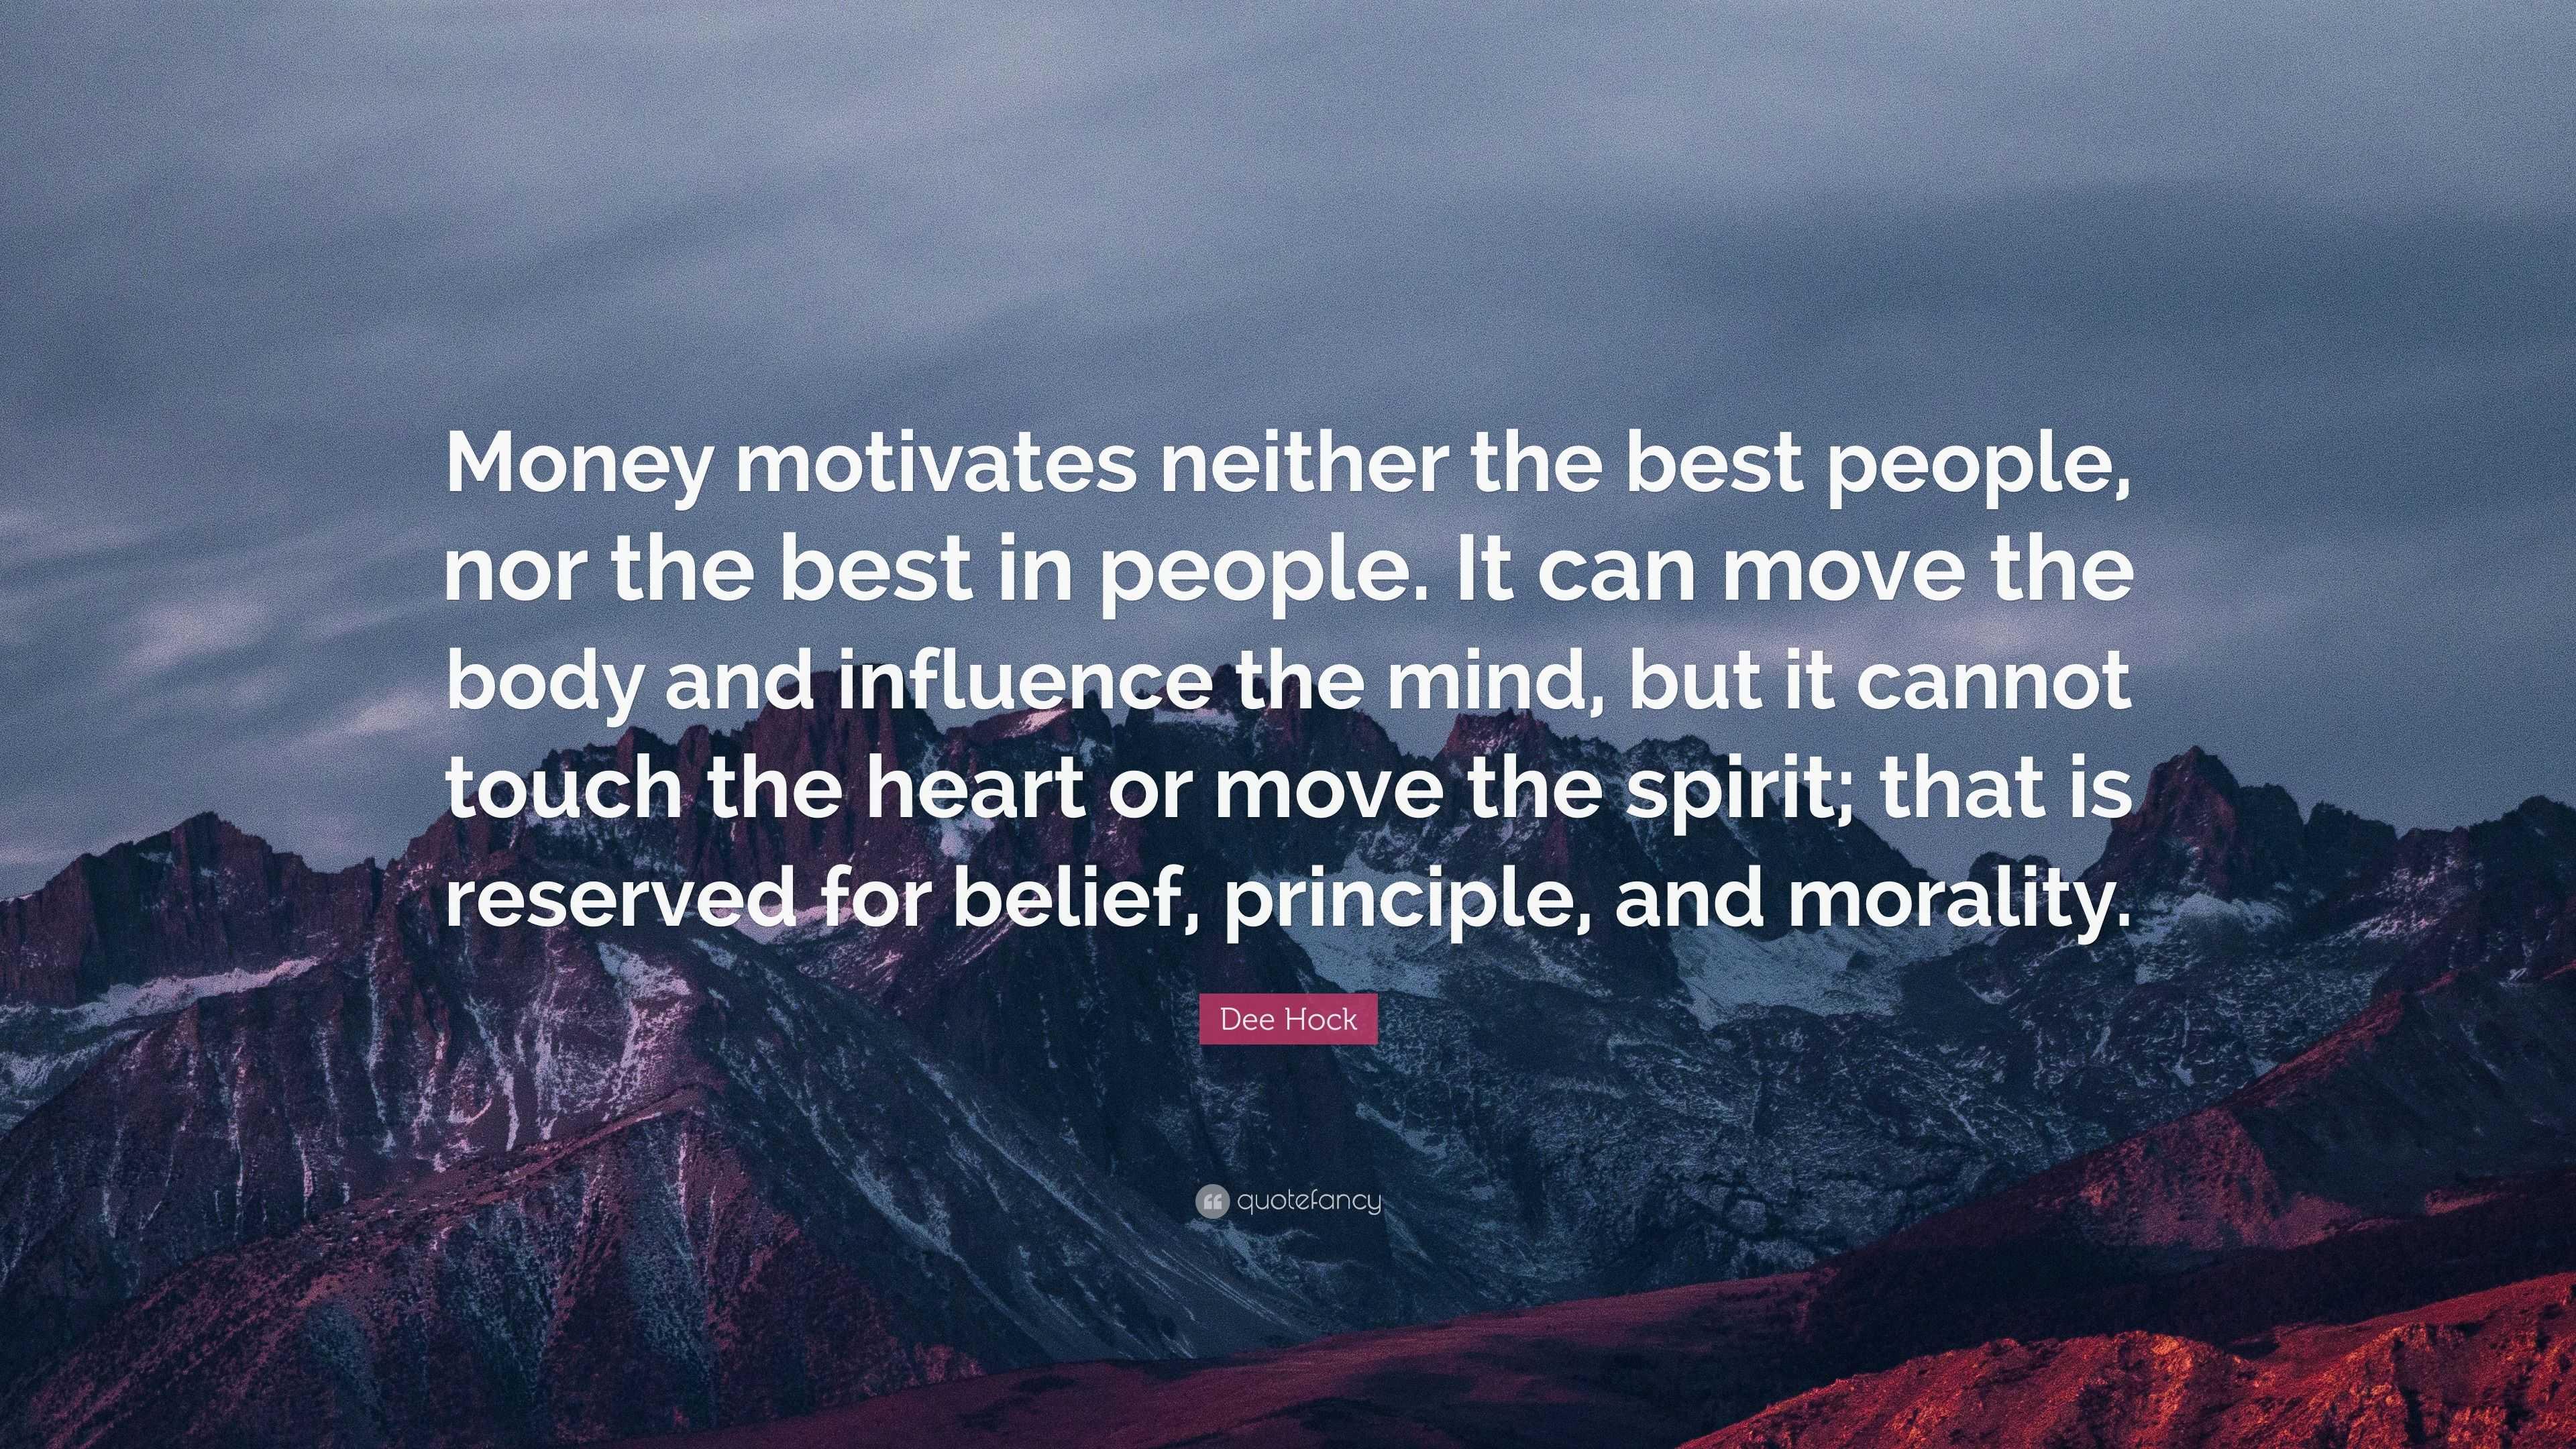 money motivates people